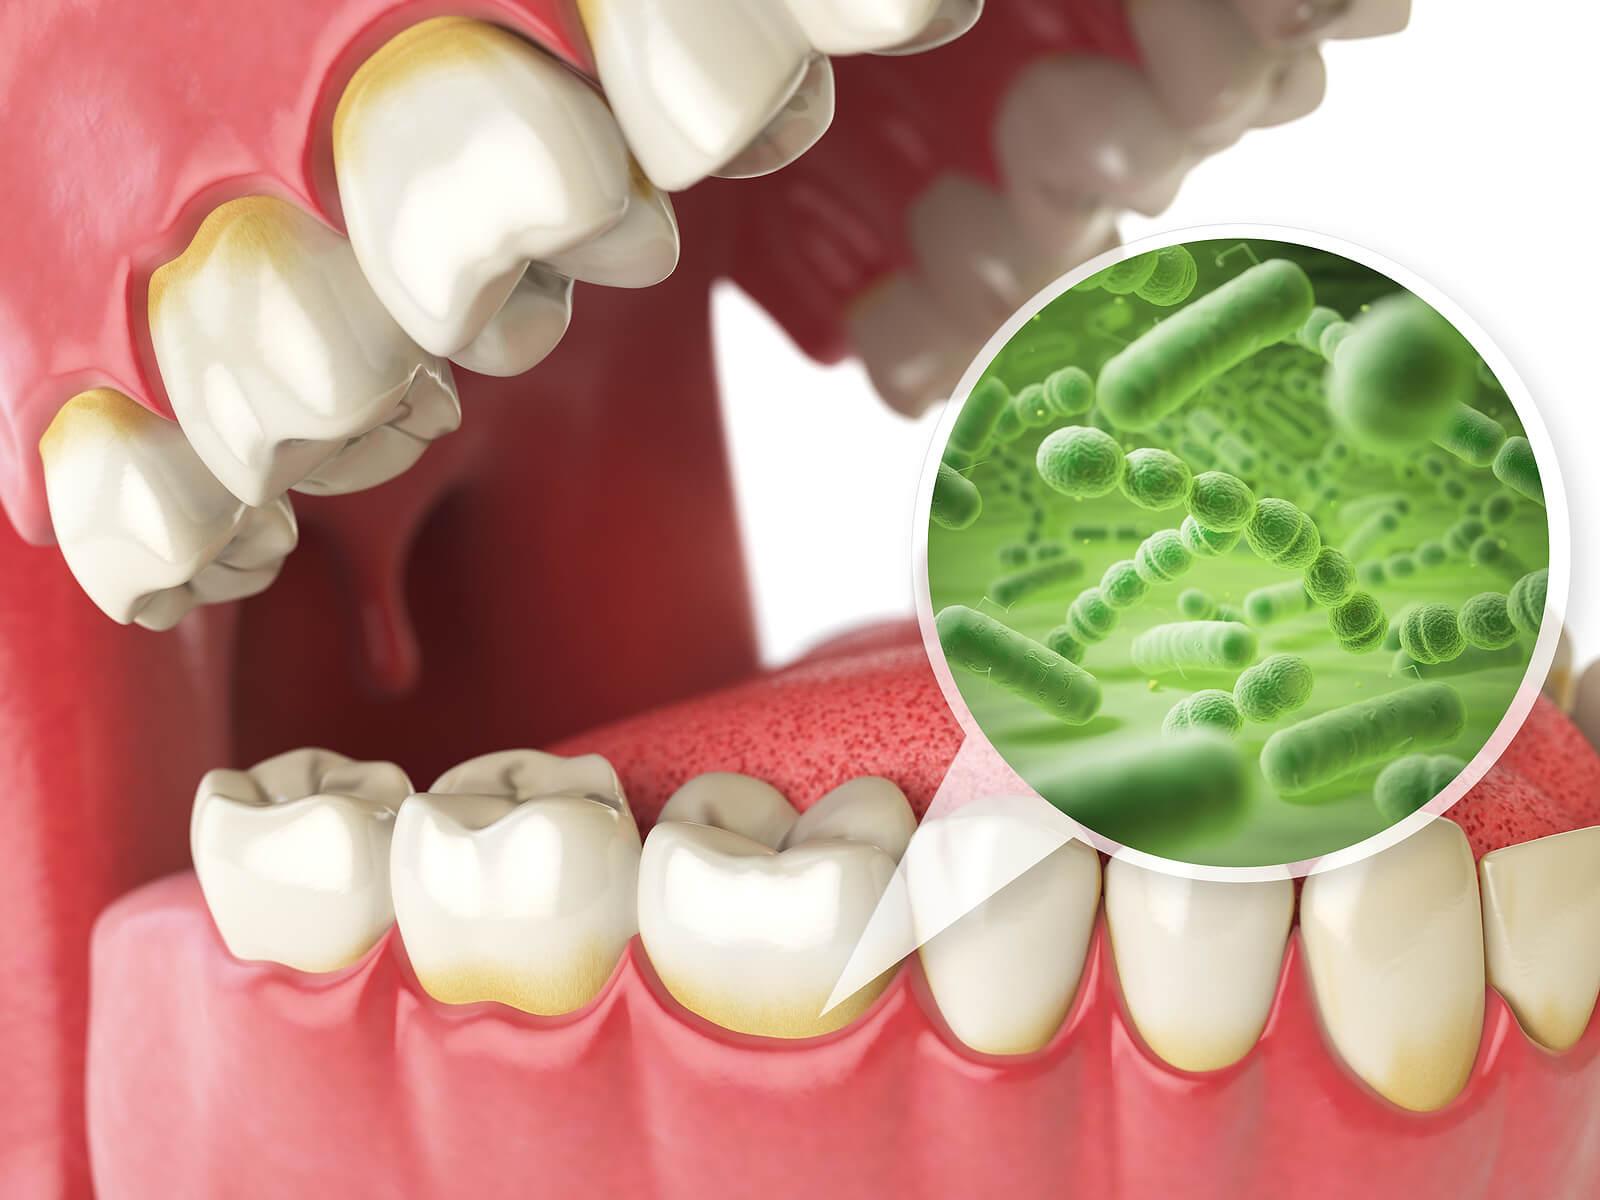 Bacterias en la boca.